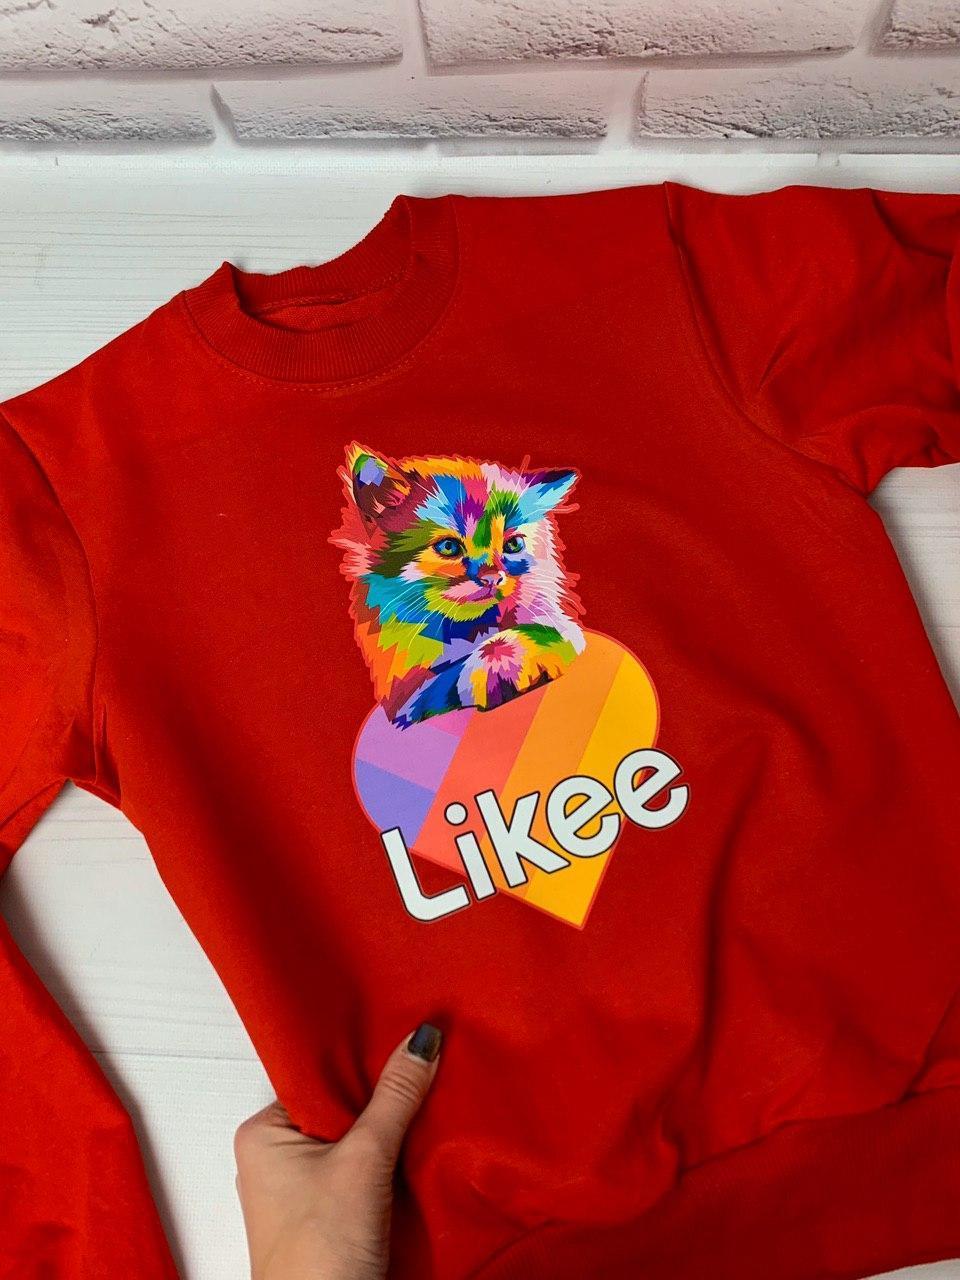 Свитшот детский,подросток Likee c красивым котиком,в расцветках, Все Размеры.